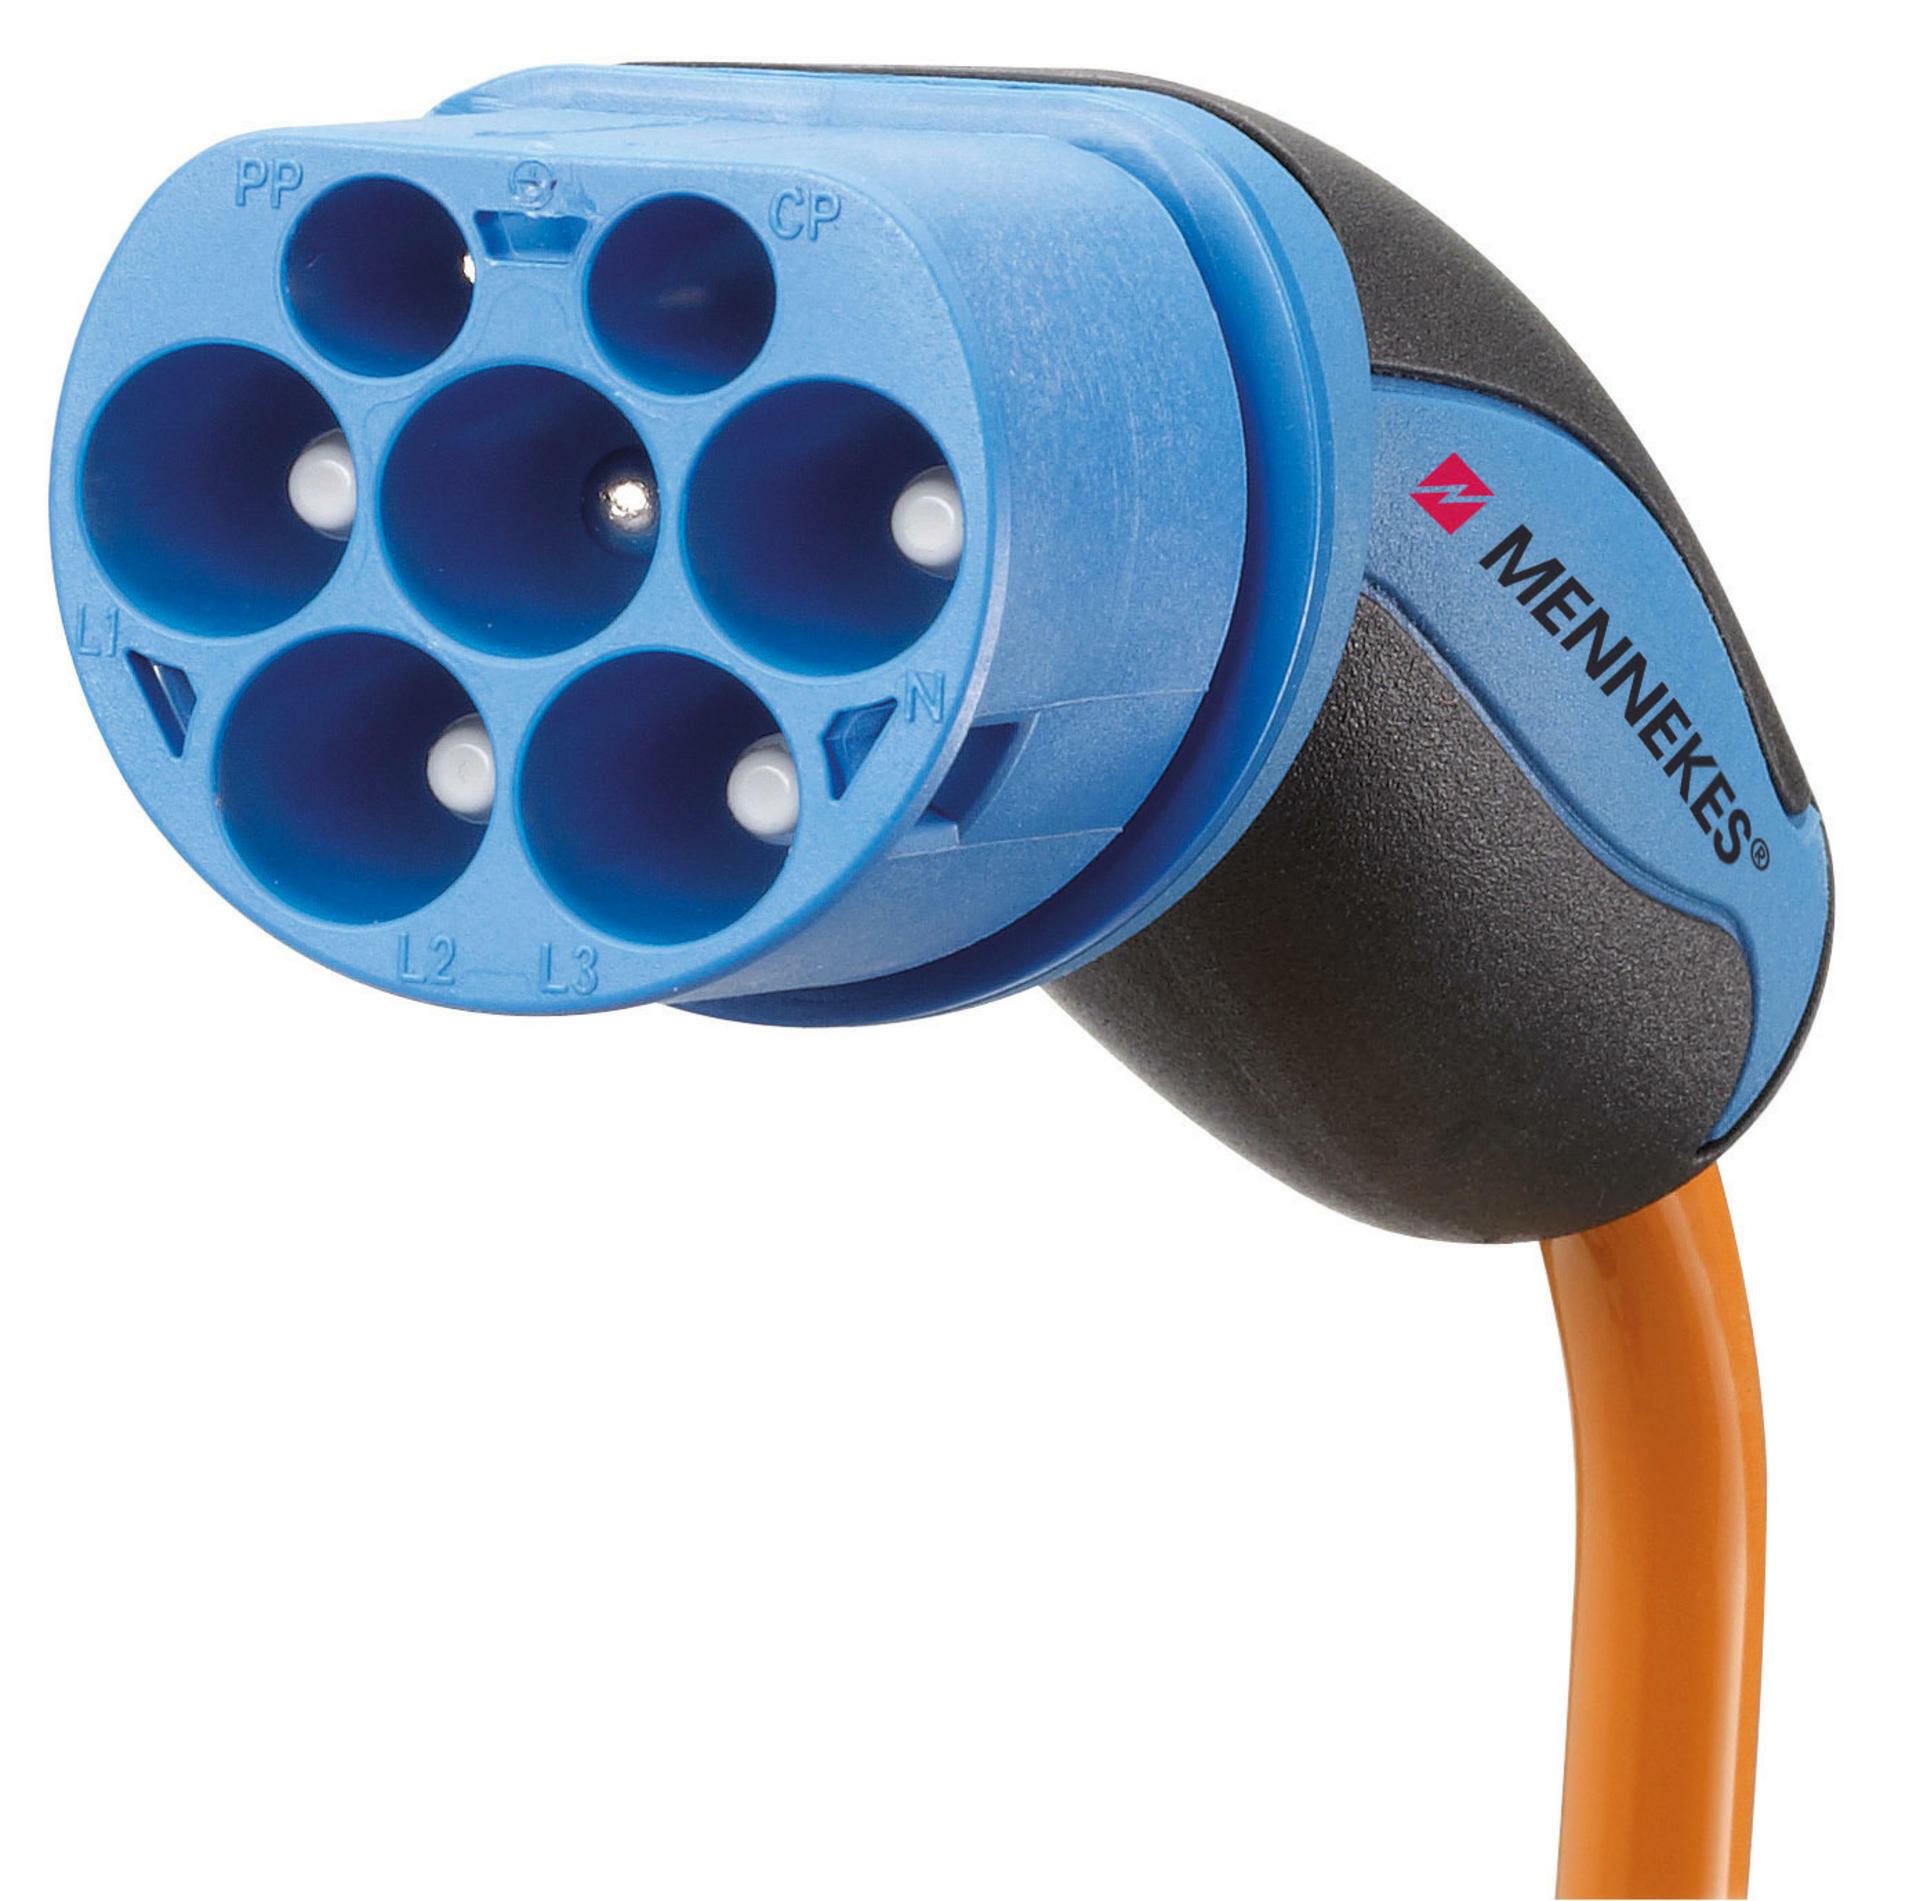 Uno de los 8 tipos de conector de cable de coches eléctricos: Mennekes